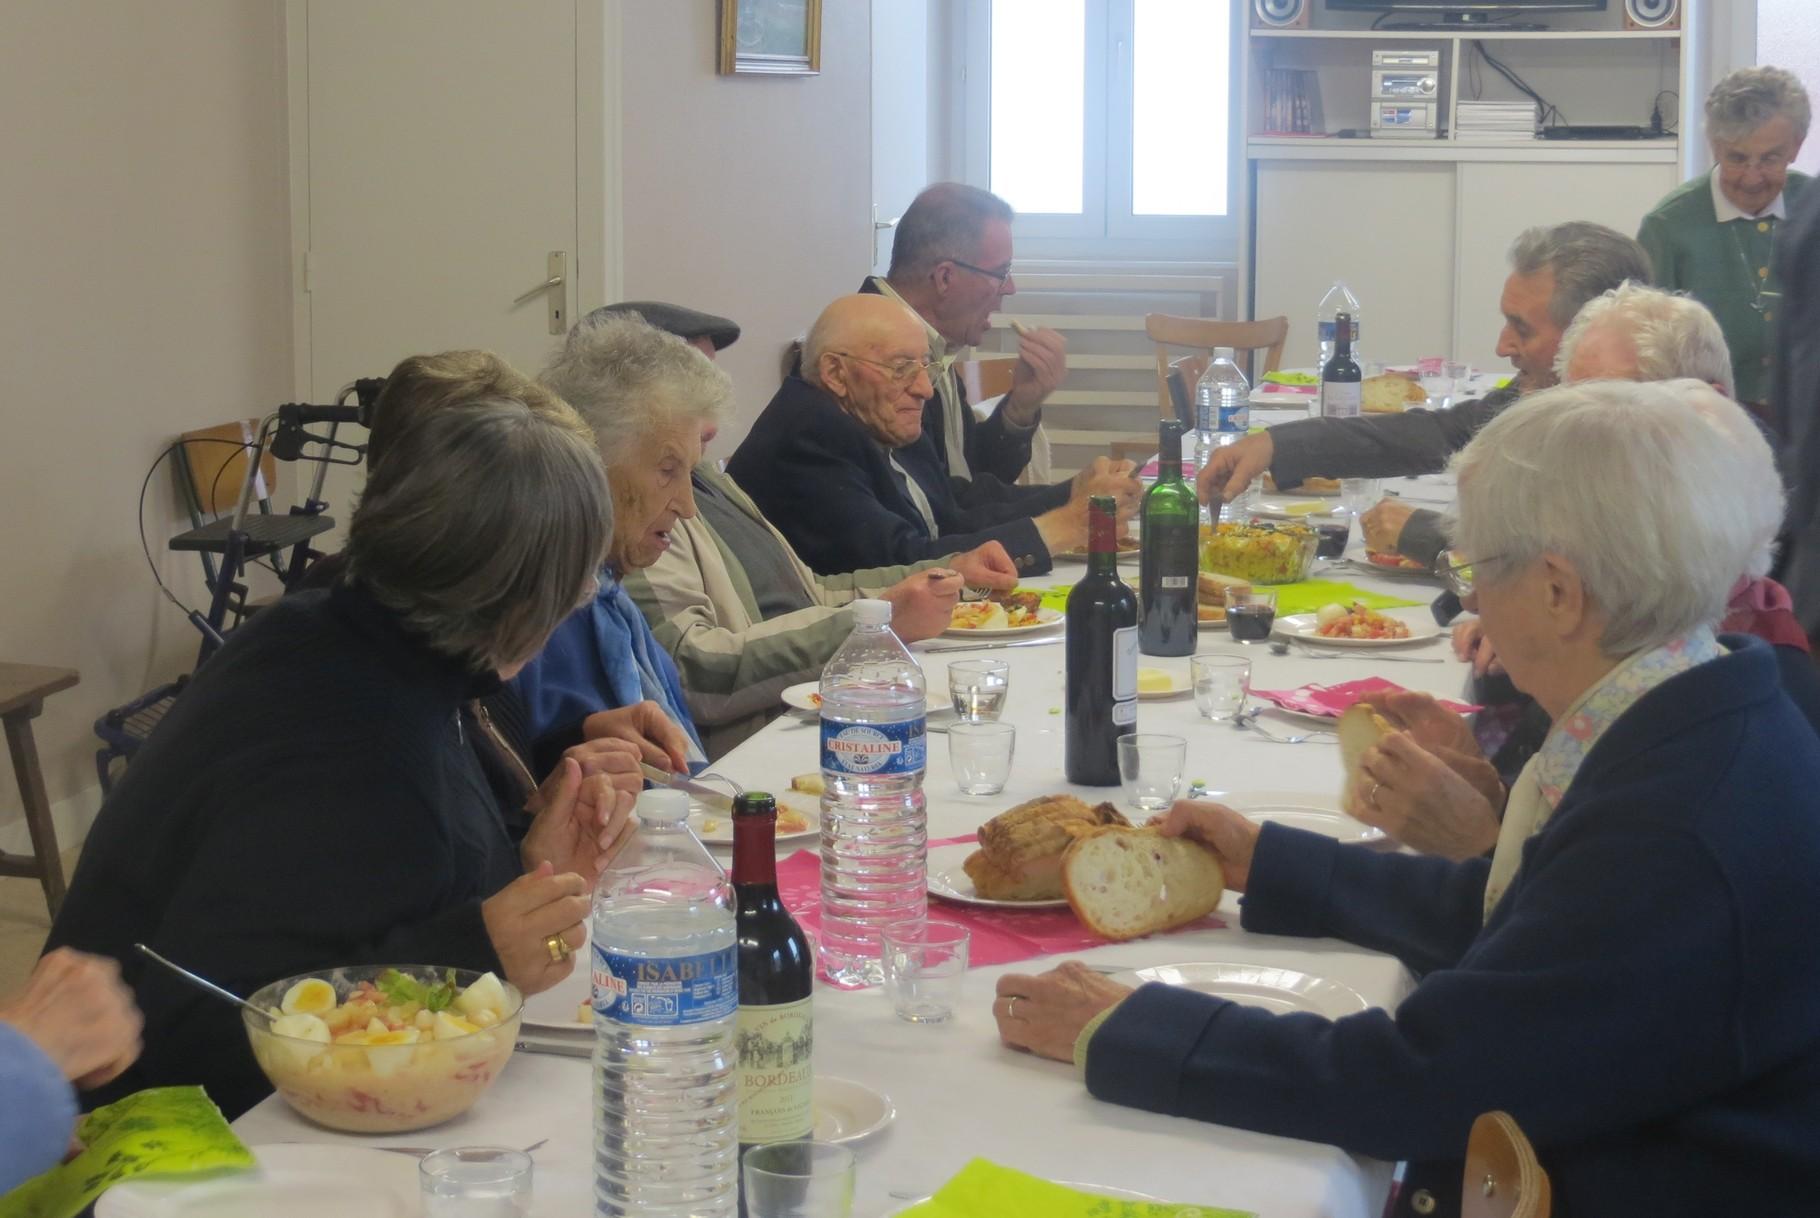 La journée ne s'est pas terminée là … Un «repas partagé», une «première» pour notre ensemble, a rassemblé une vingtaine de personnes autour de René GAUTHIER, enchanté